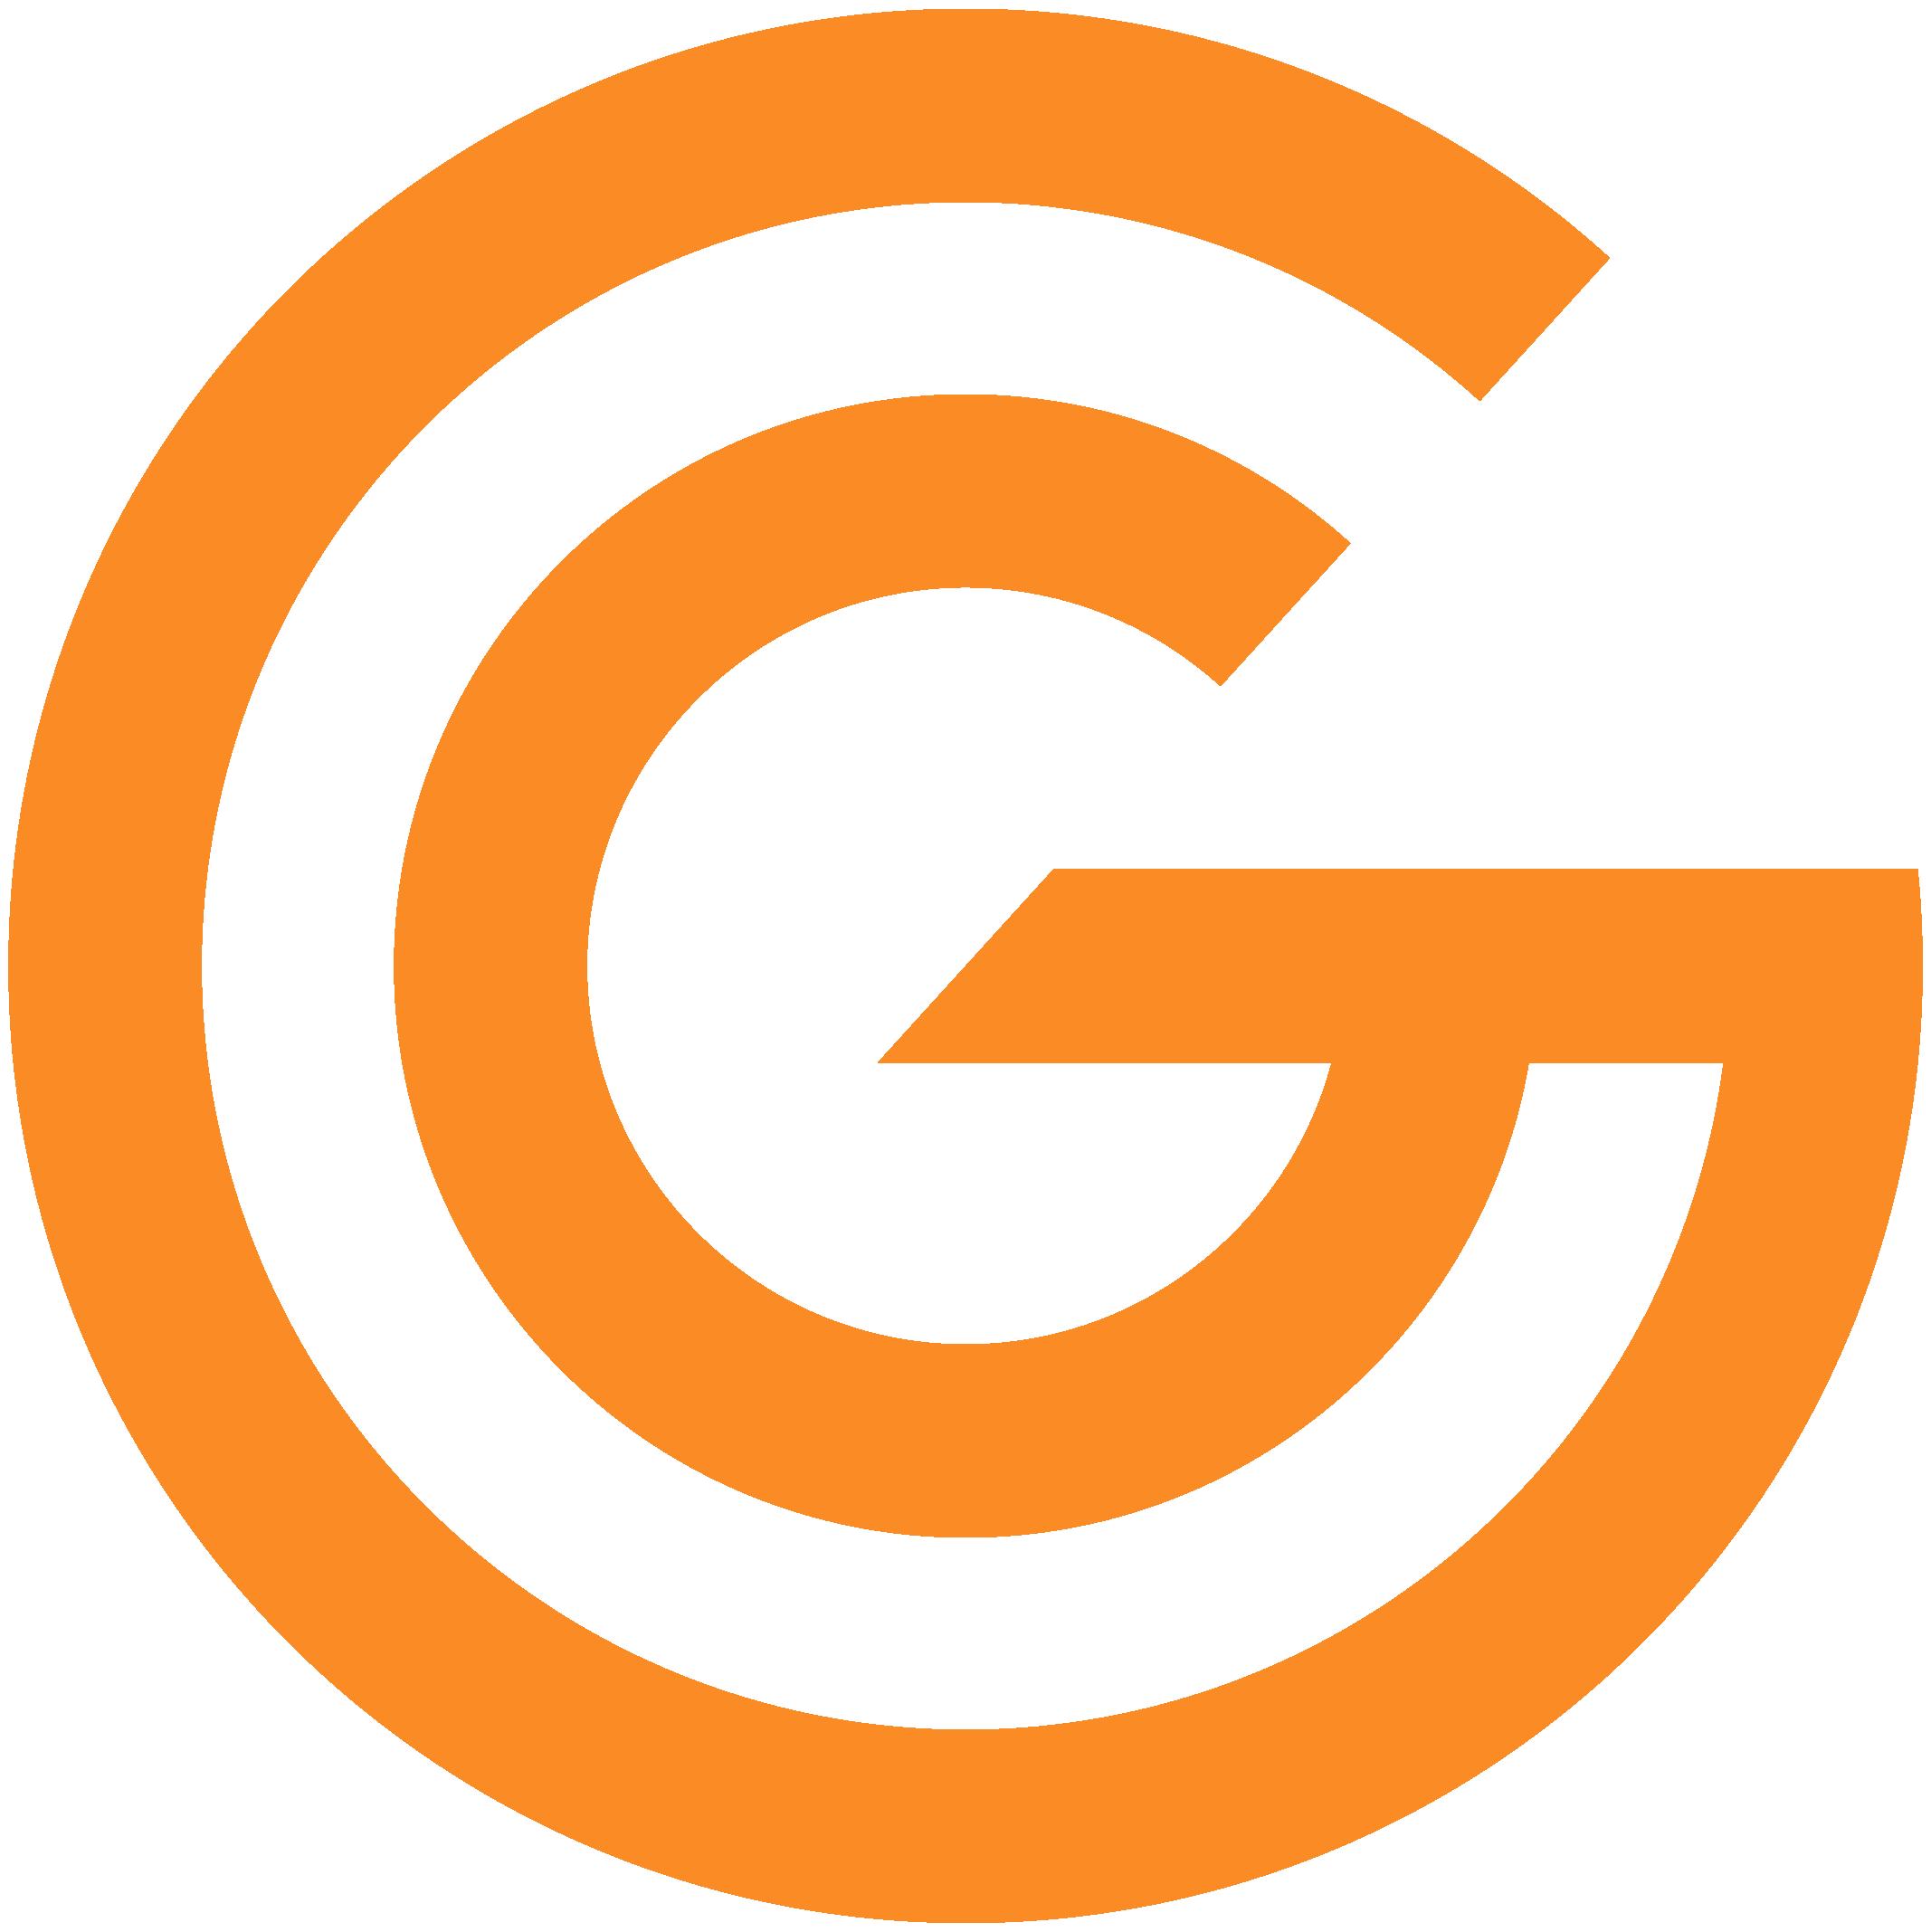 gg FAVICON